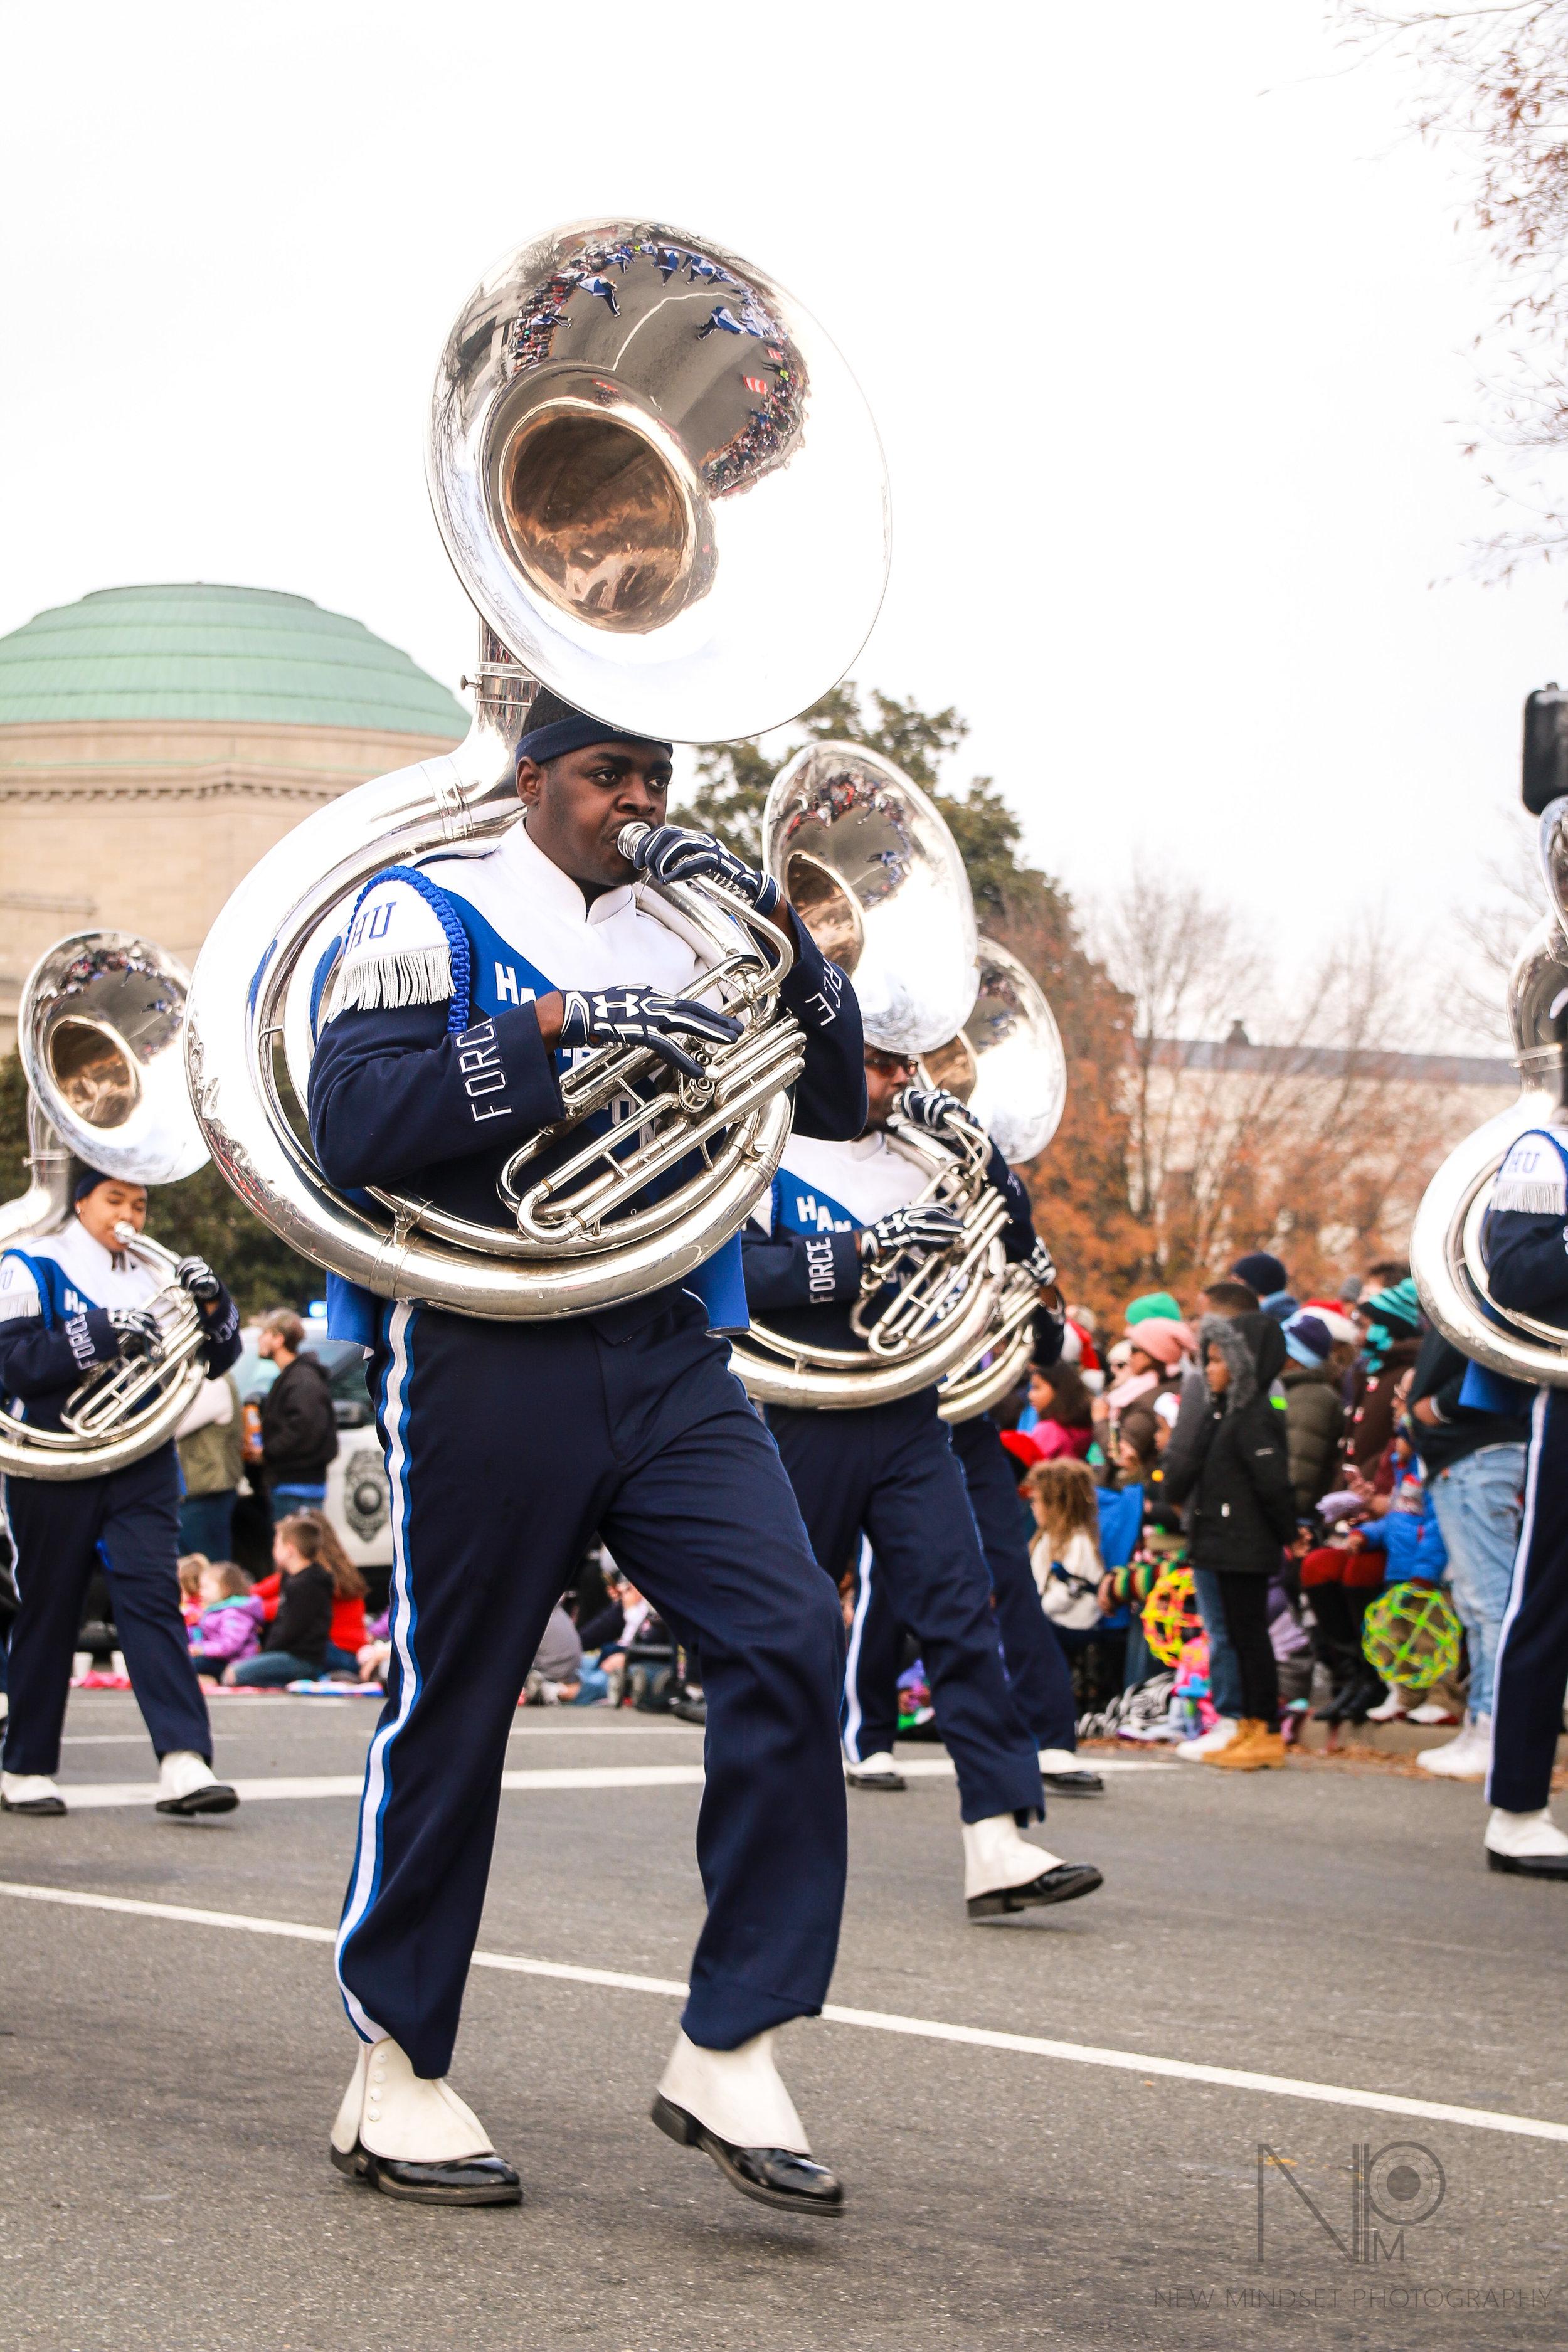 christparade17-61.jpg